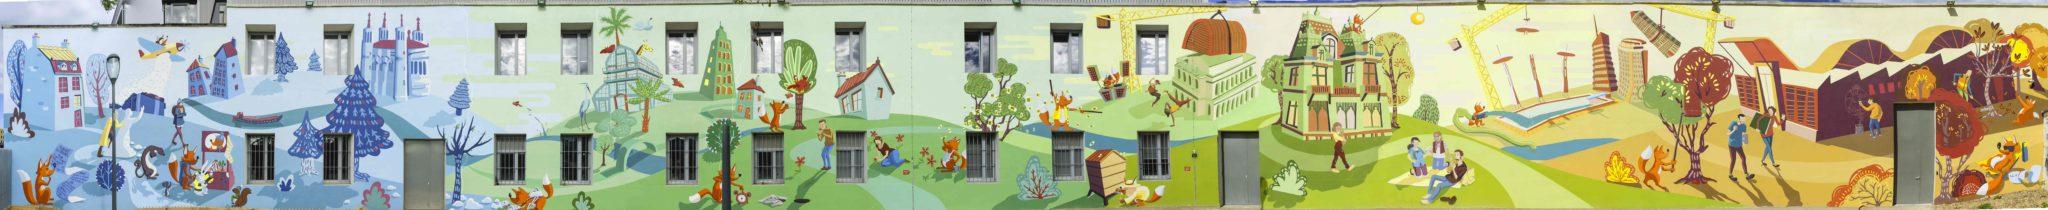 Fresque du Parc Zenith Lyon 3em